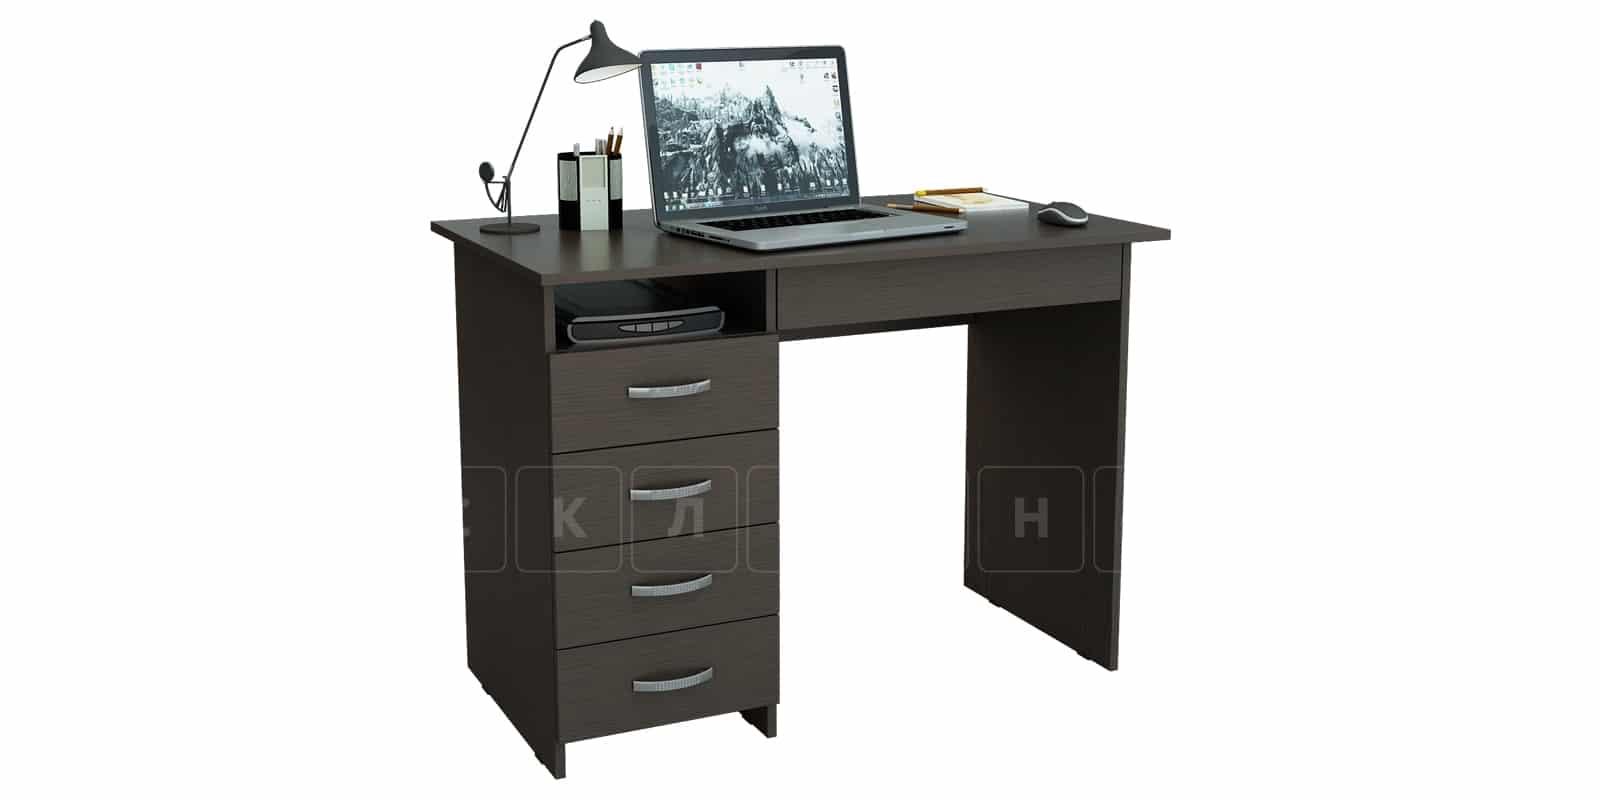 Офисный стол Харви с ящиками фото 3 | интернет-магазин Складно